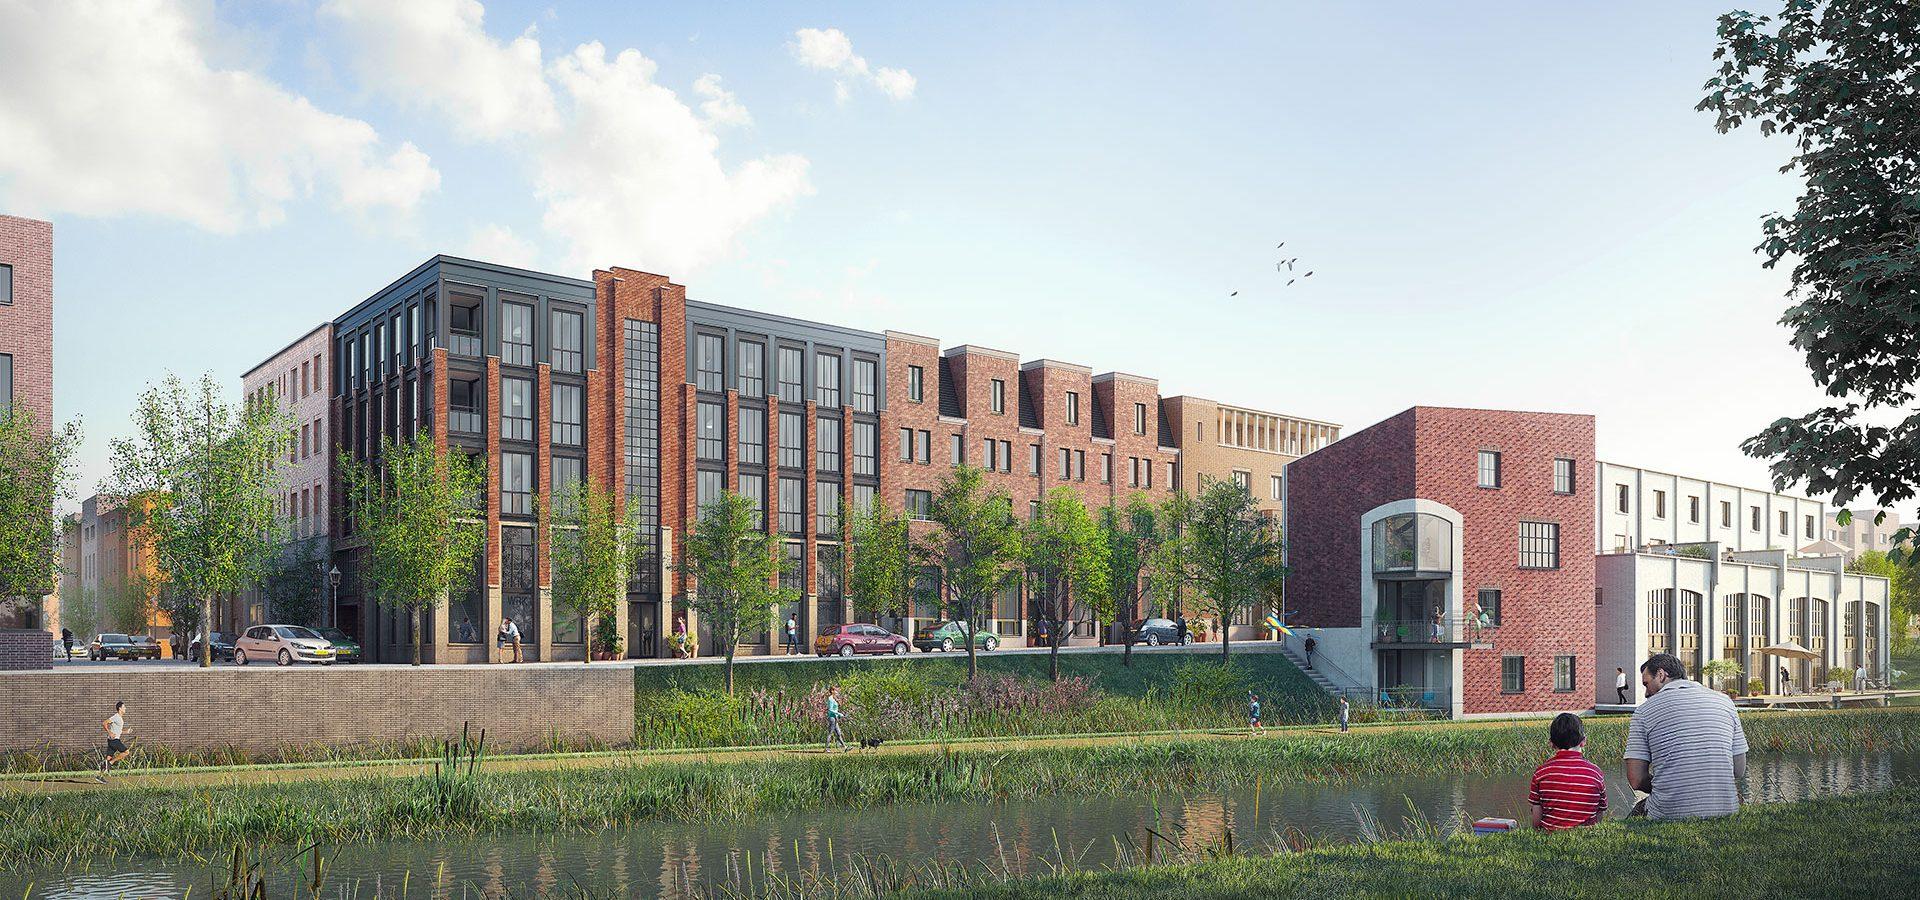 FARO architecten Energiek Utrecht 03